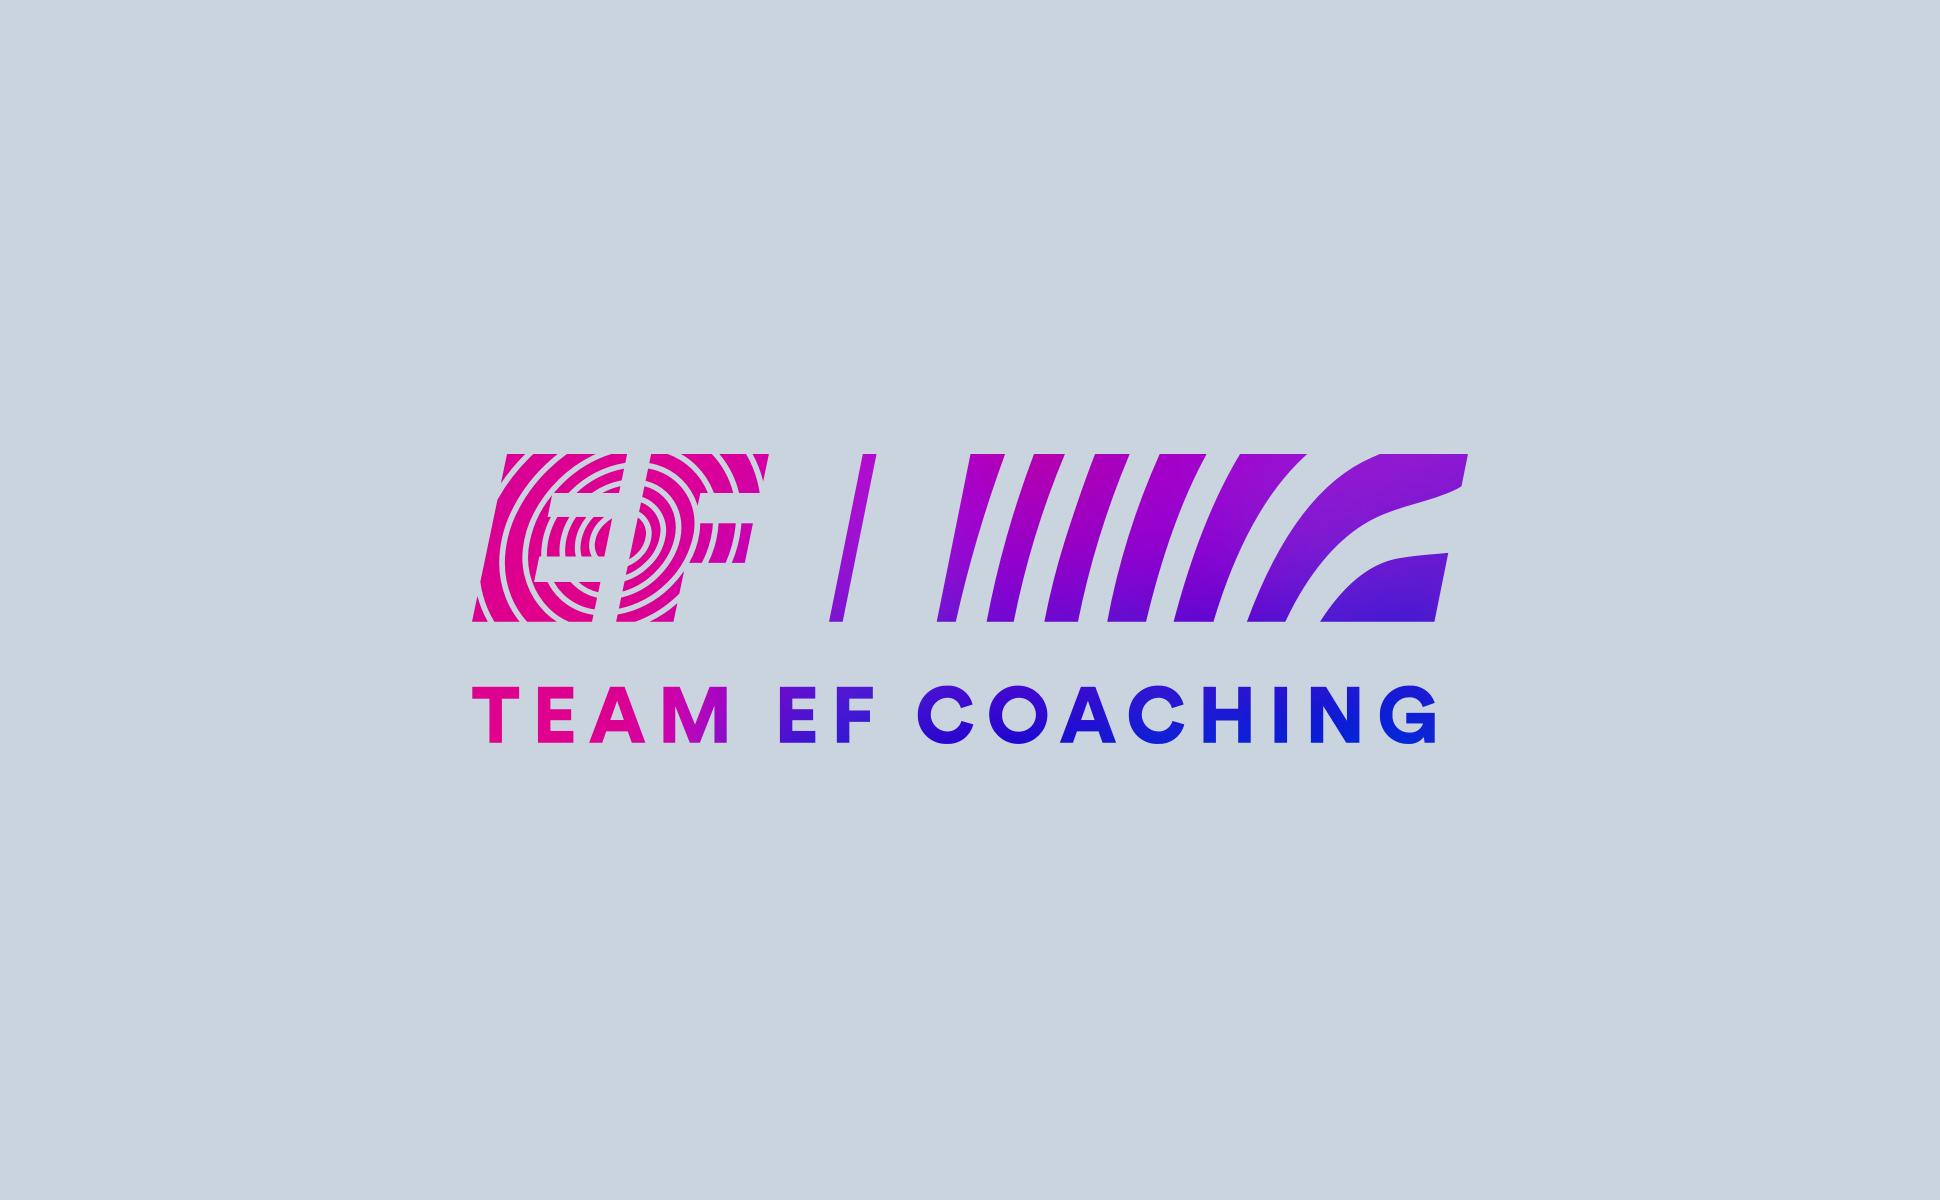 Team EF Coaching